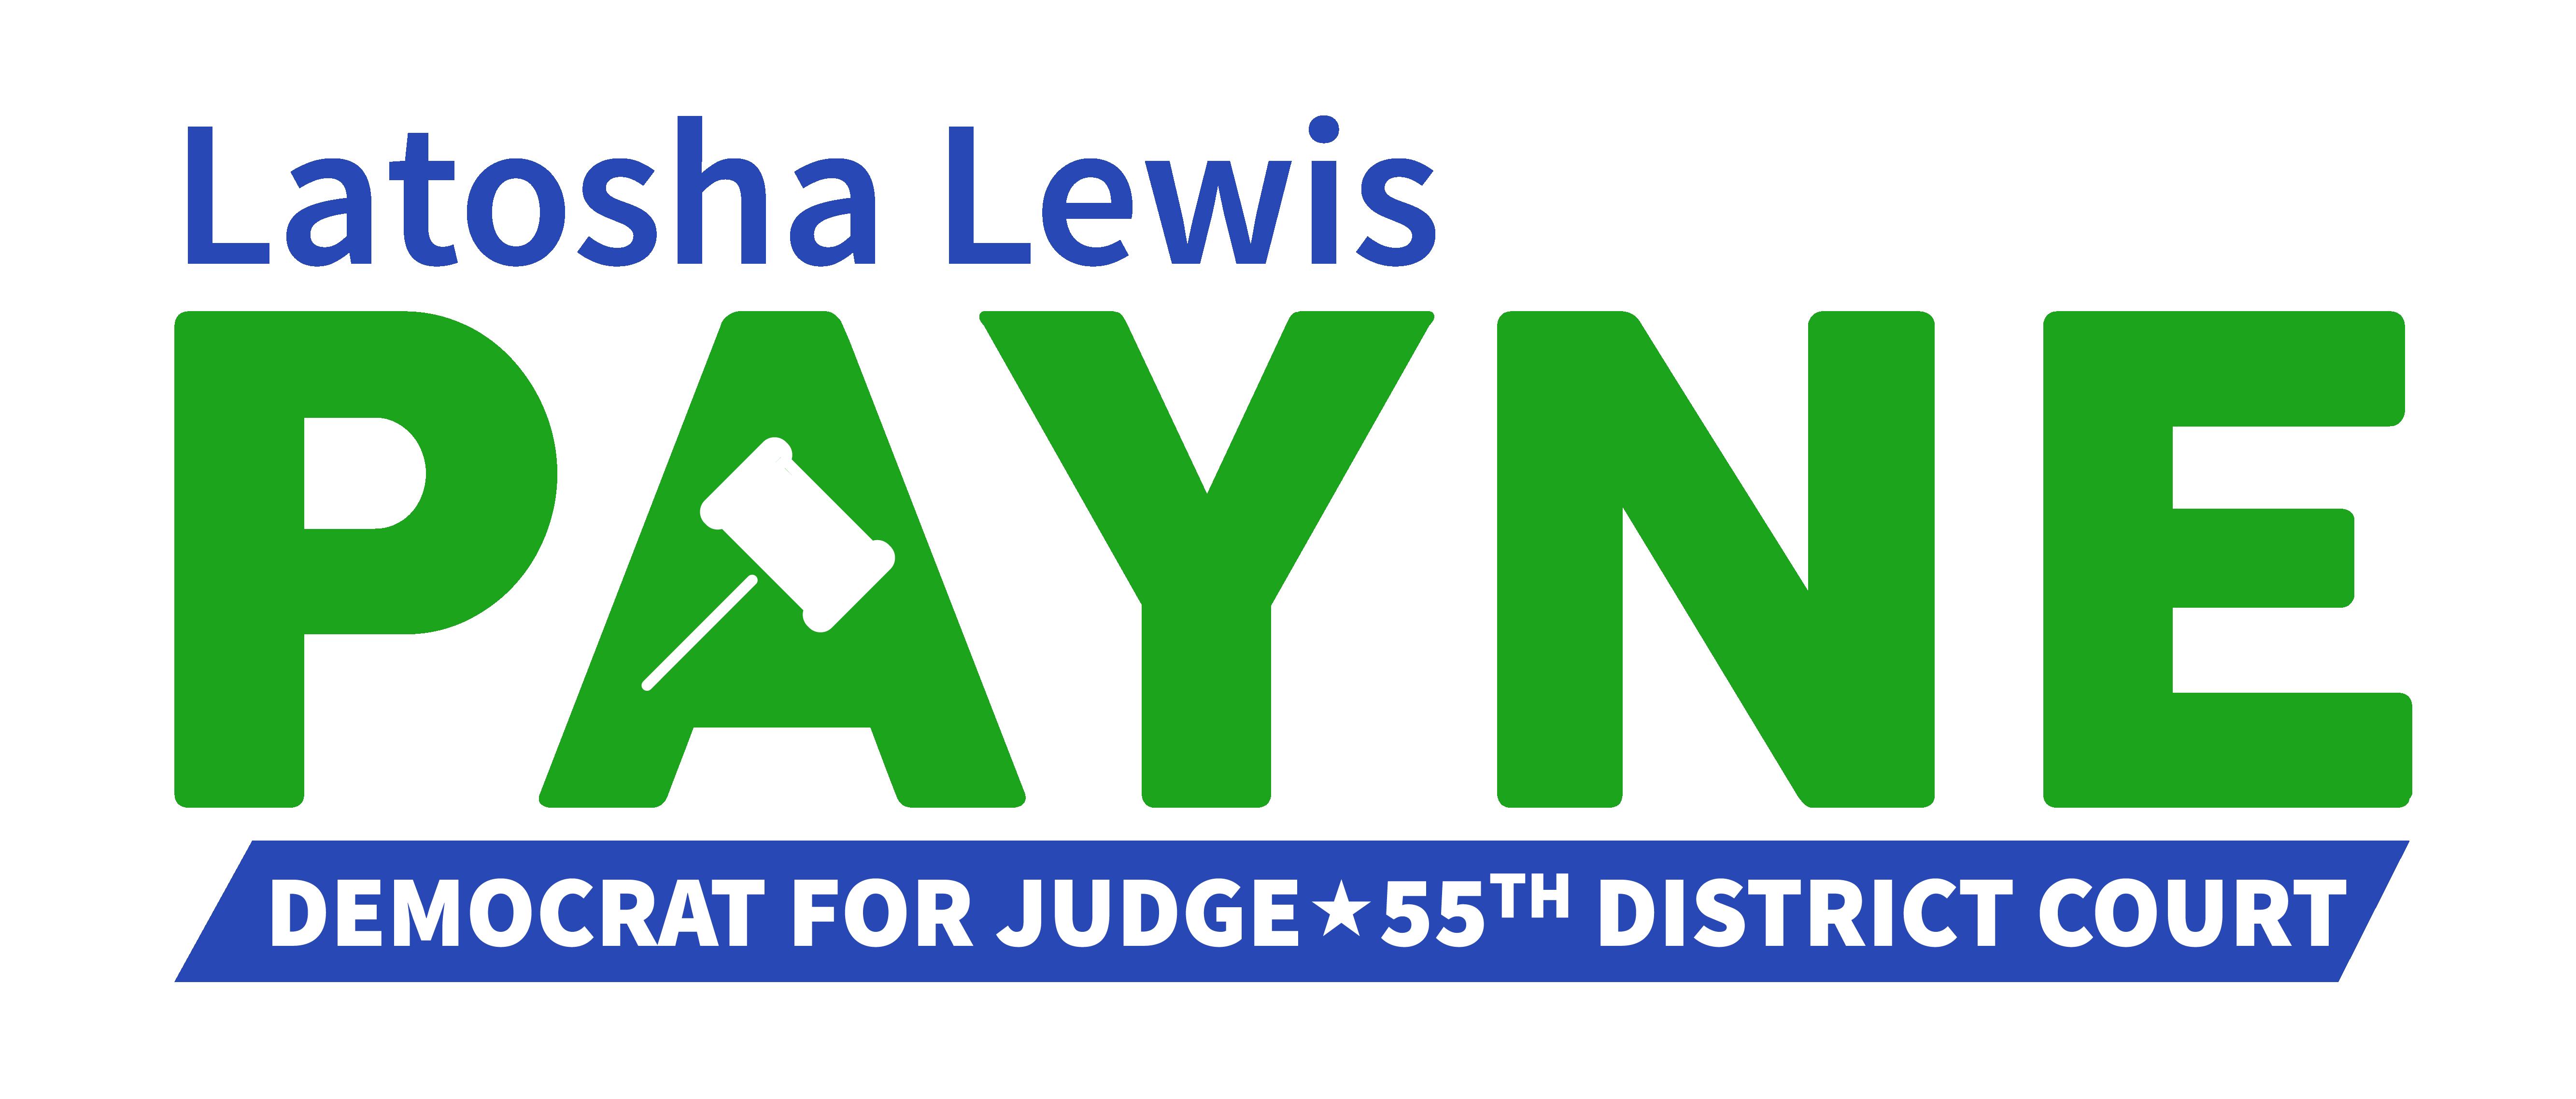 Latosha Lewis Payne